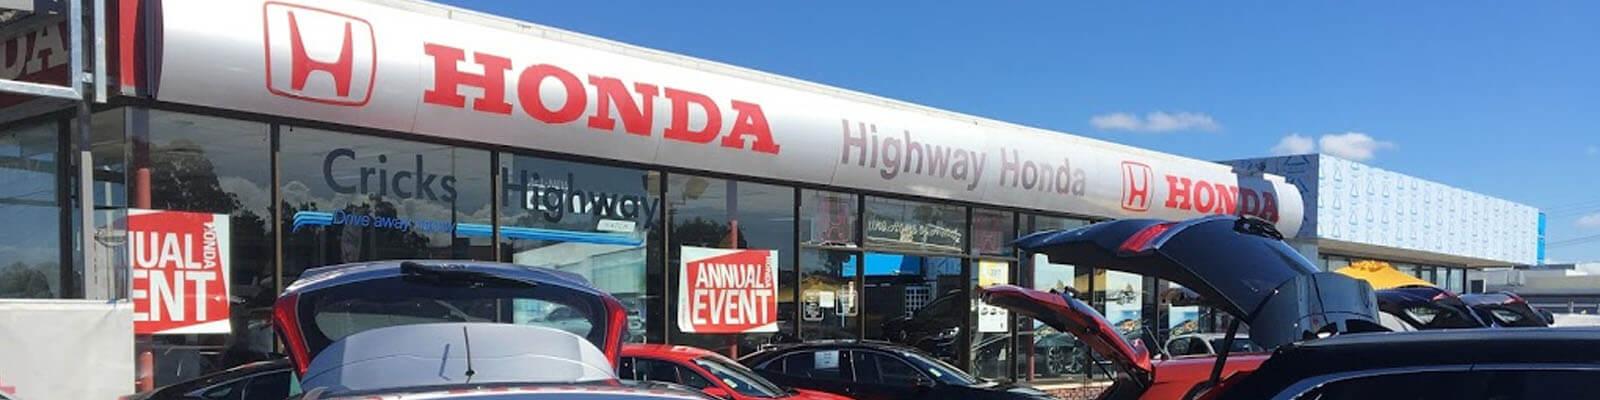 Cricks Highway Honda